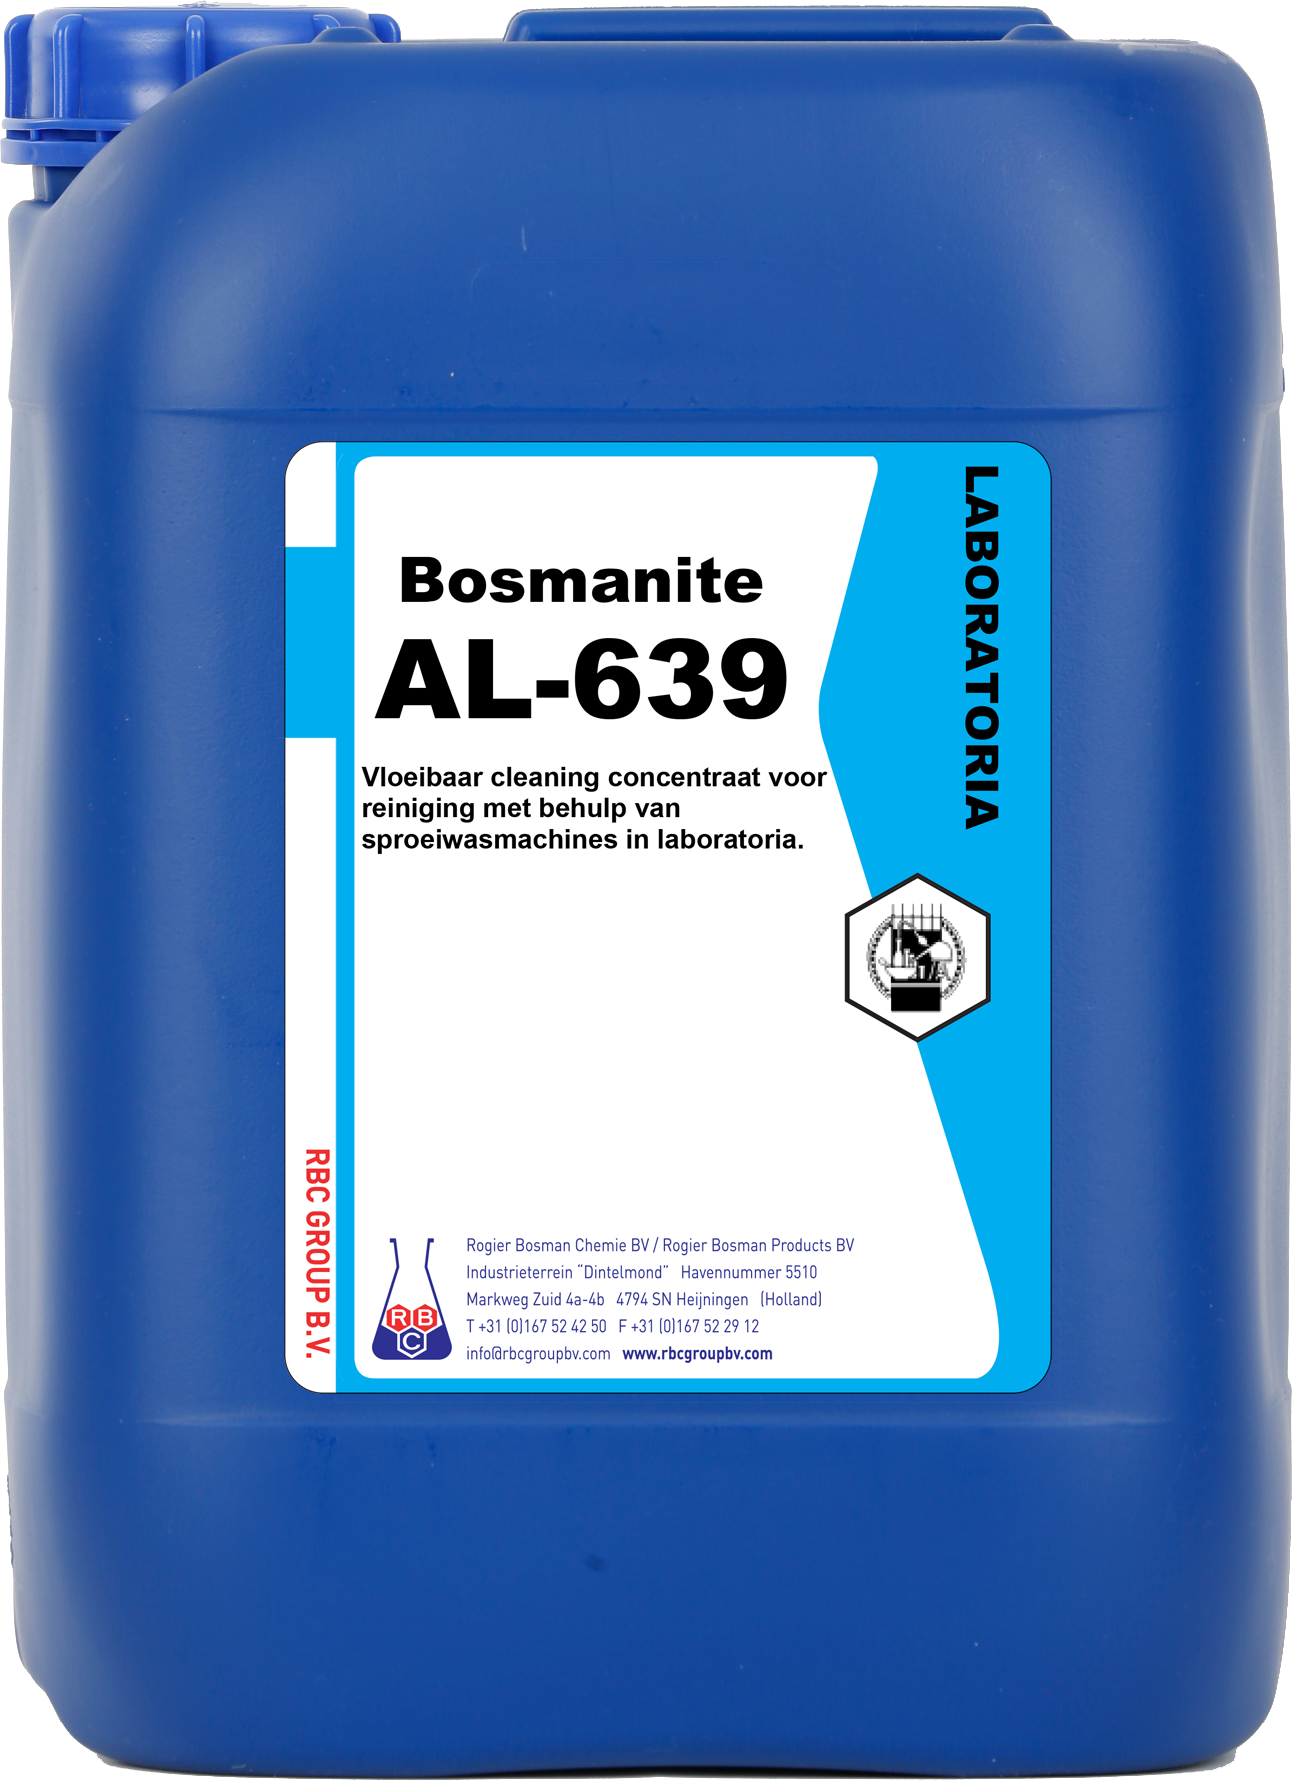 Bosmanite AL-639, vloeibaar reiniger, fosfaat- chloorvrij (77000428.9012)